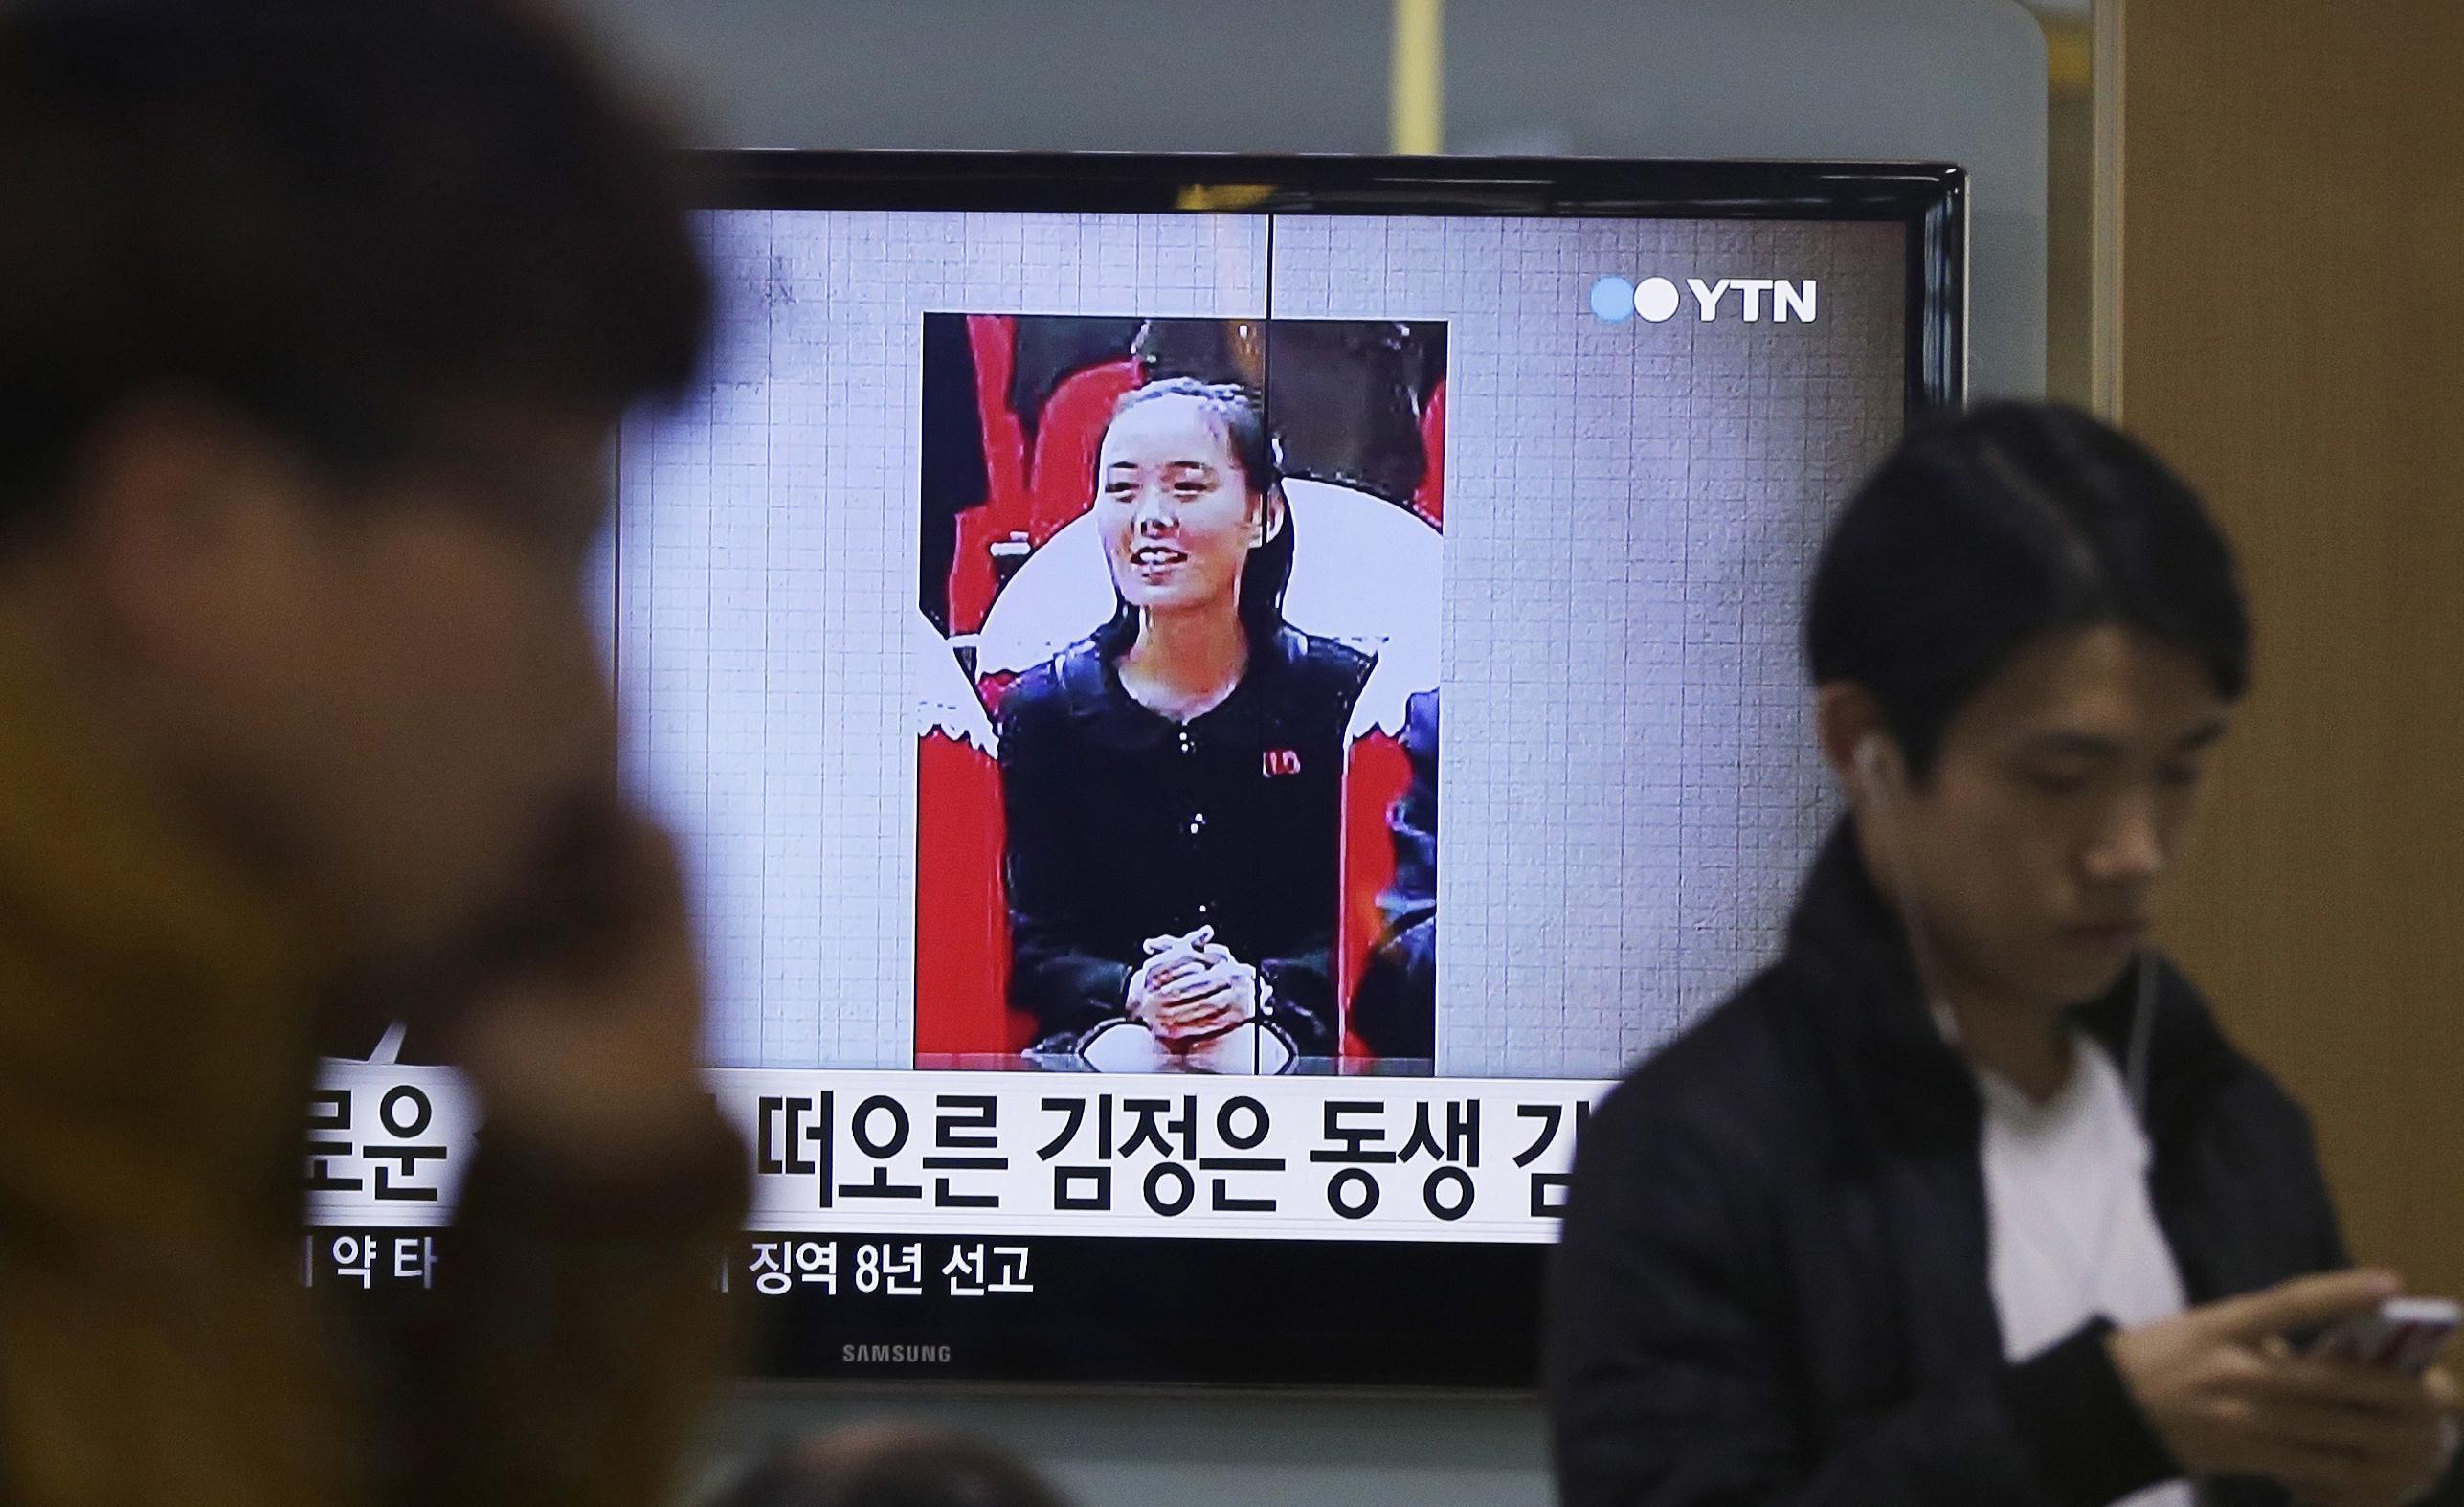 Chi è Kim Yo-jong, la sorella del dittatore nordcoreano Kim Jong-un